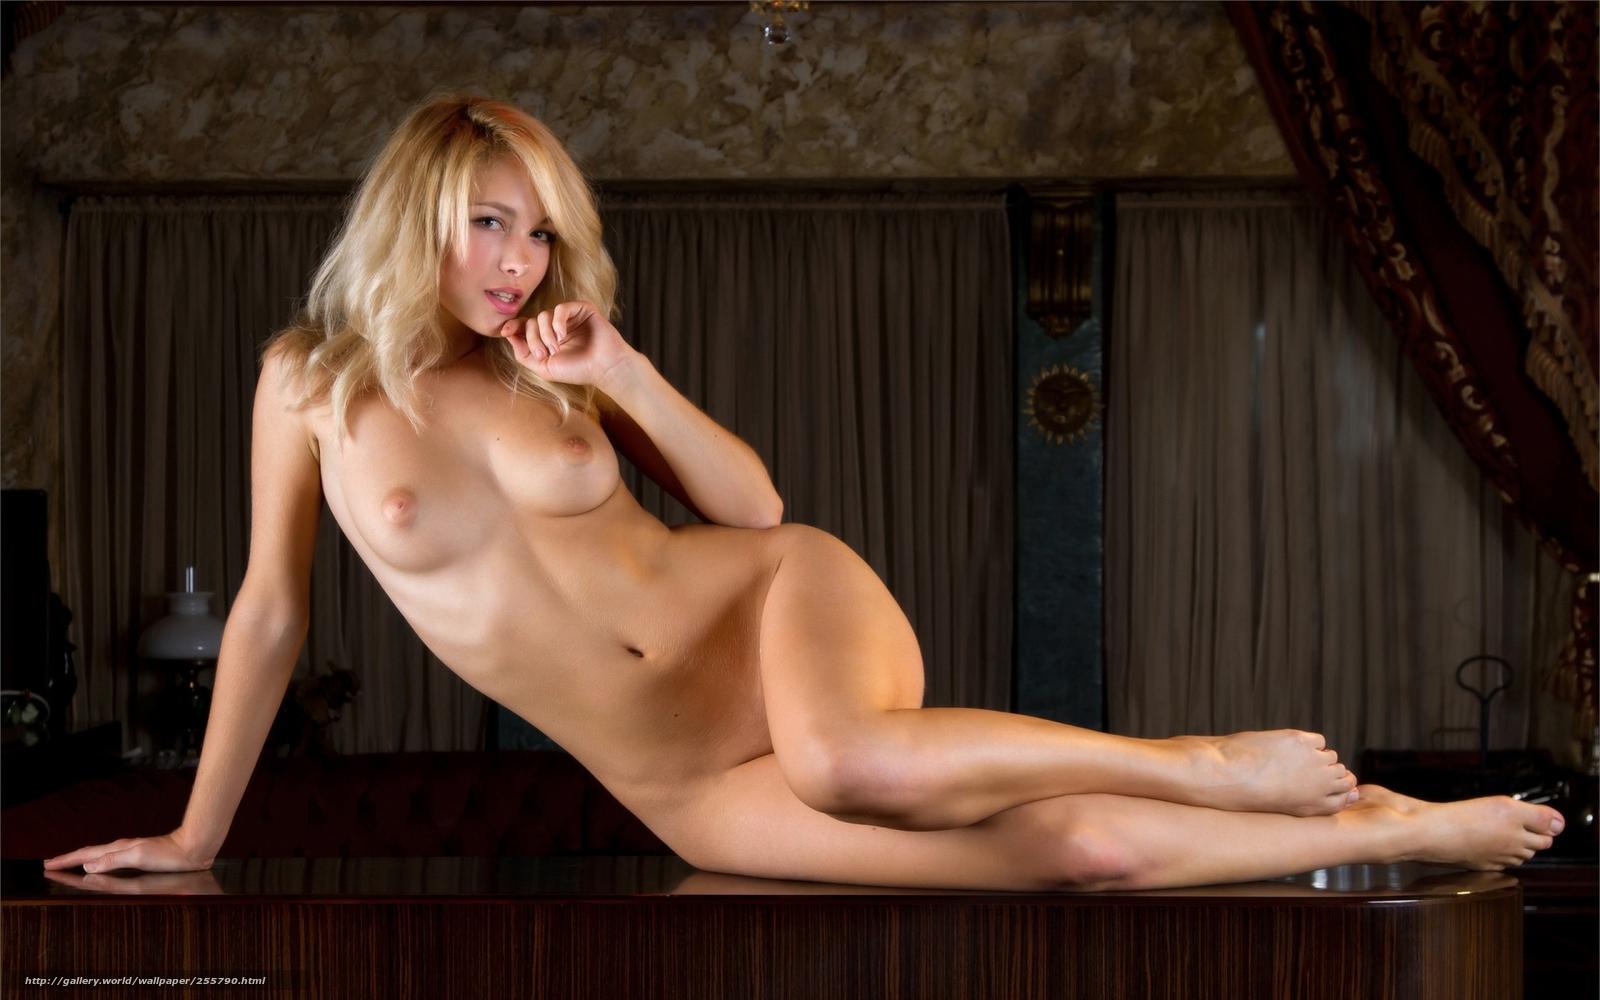 Эротическиефото голых девушек 18 фотография